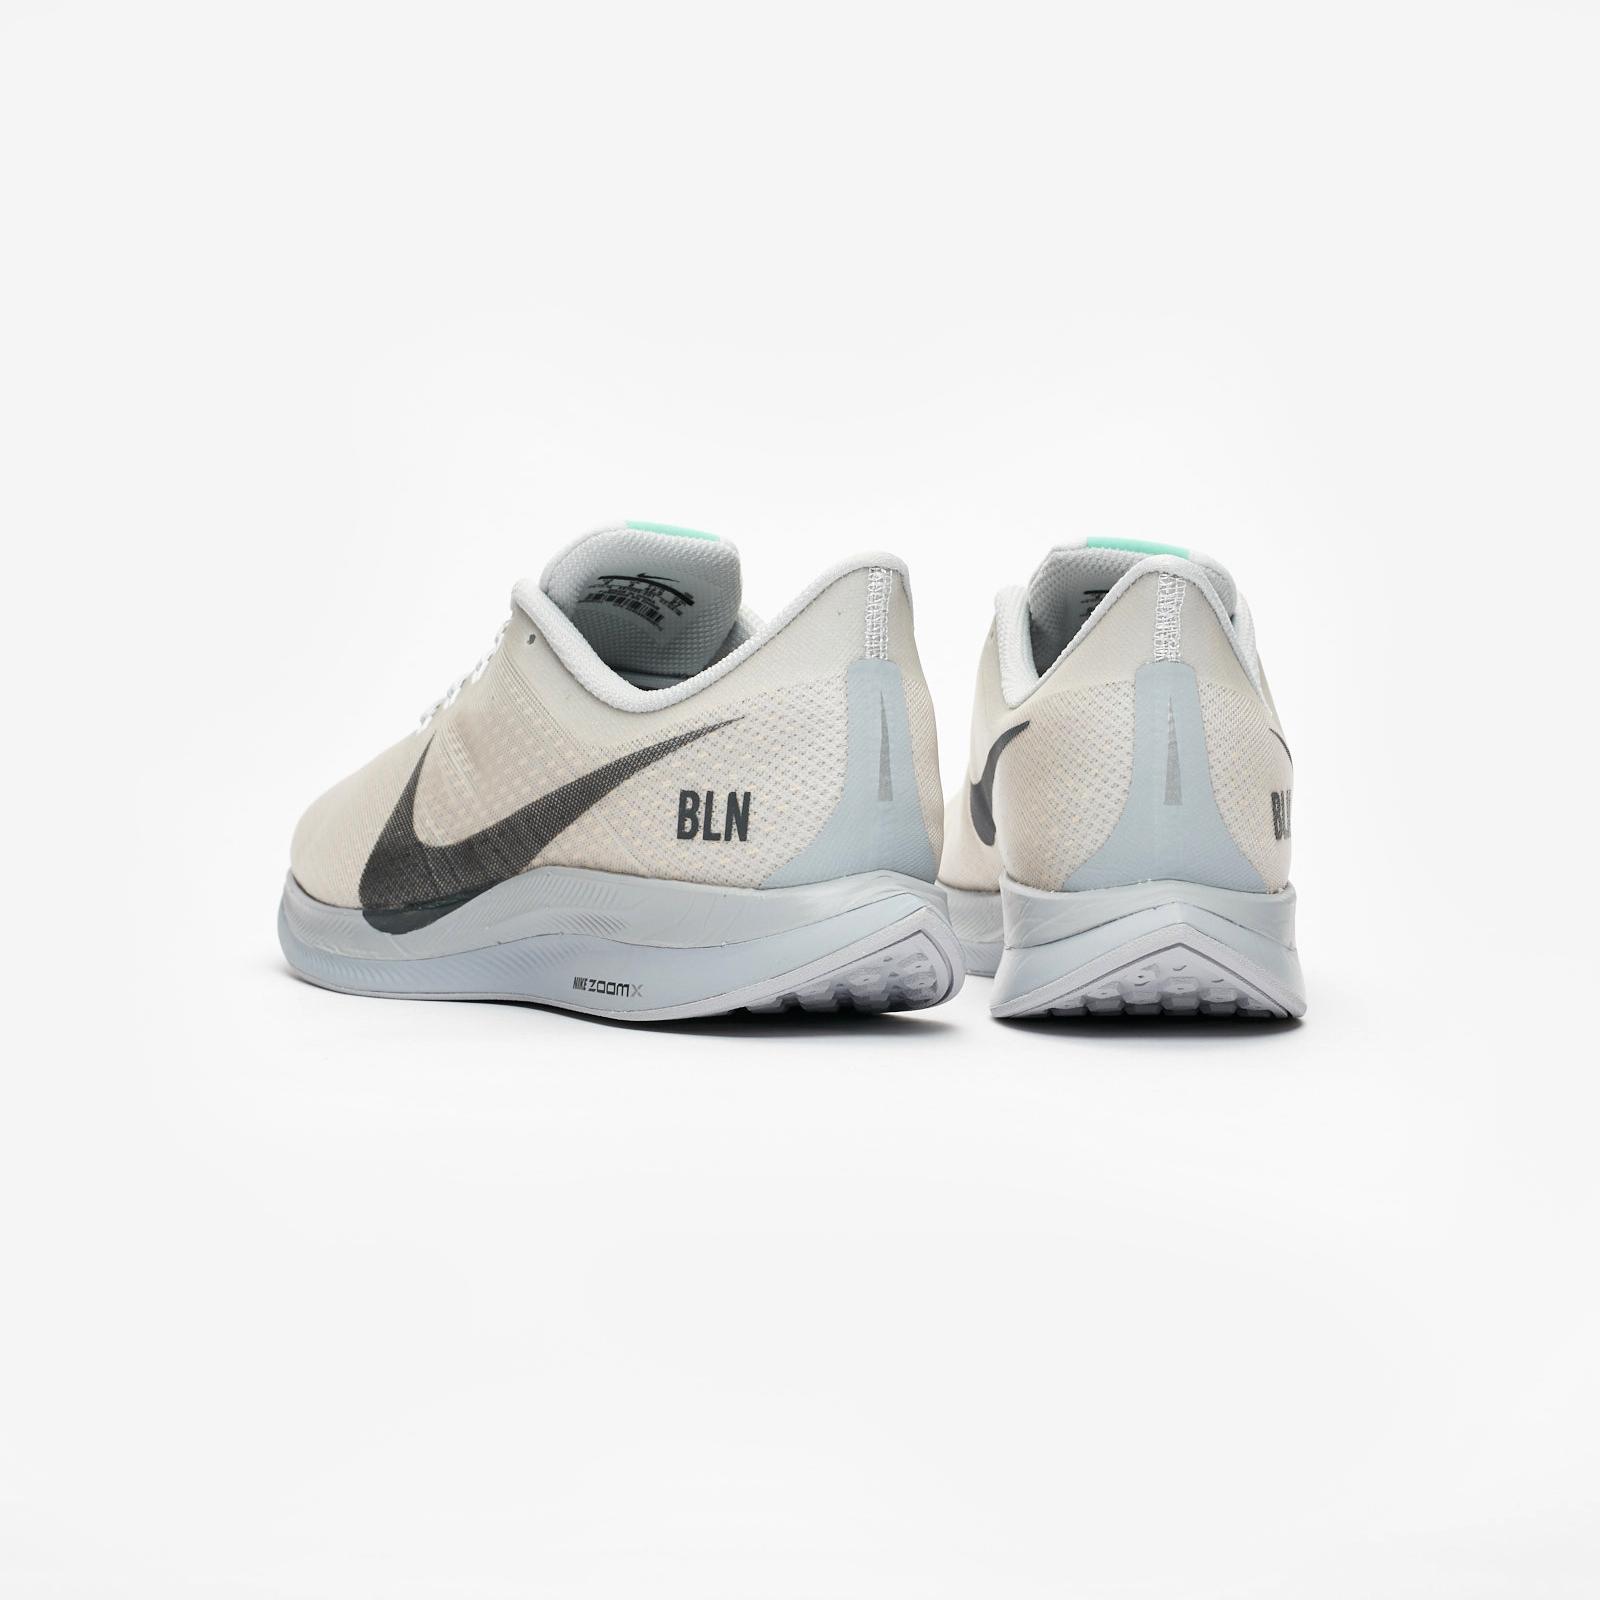 645bc6cd65d75 Nike Zoom Pegasus Turbo - Av7005-001 - Sneakersnstuff